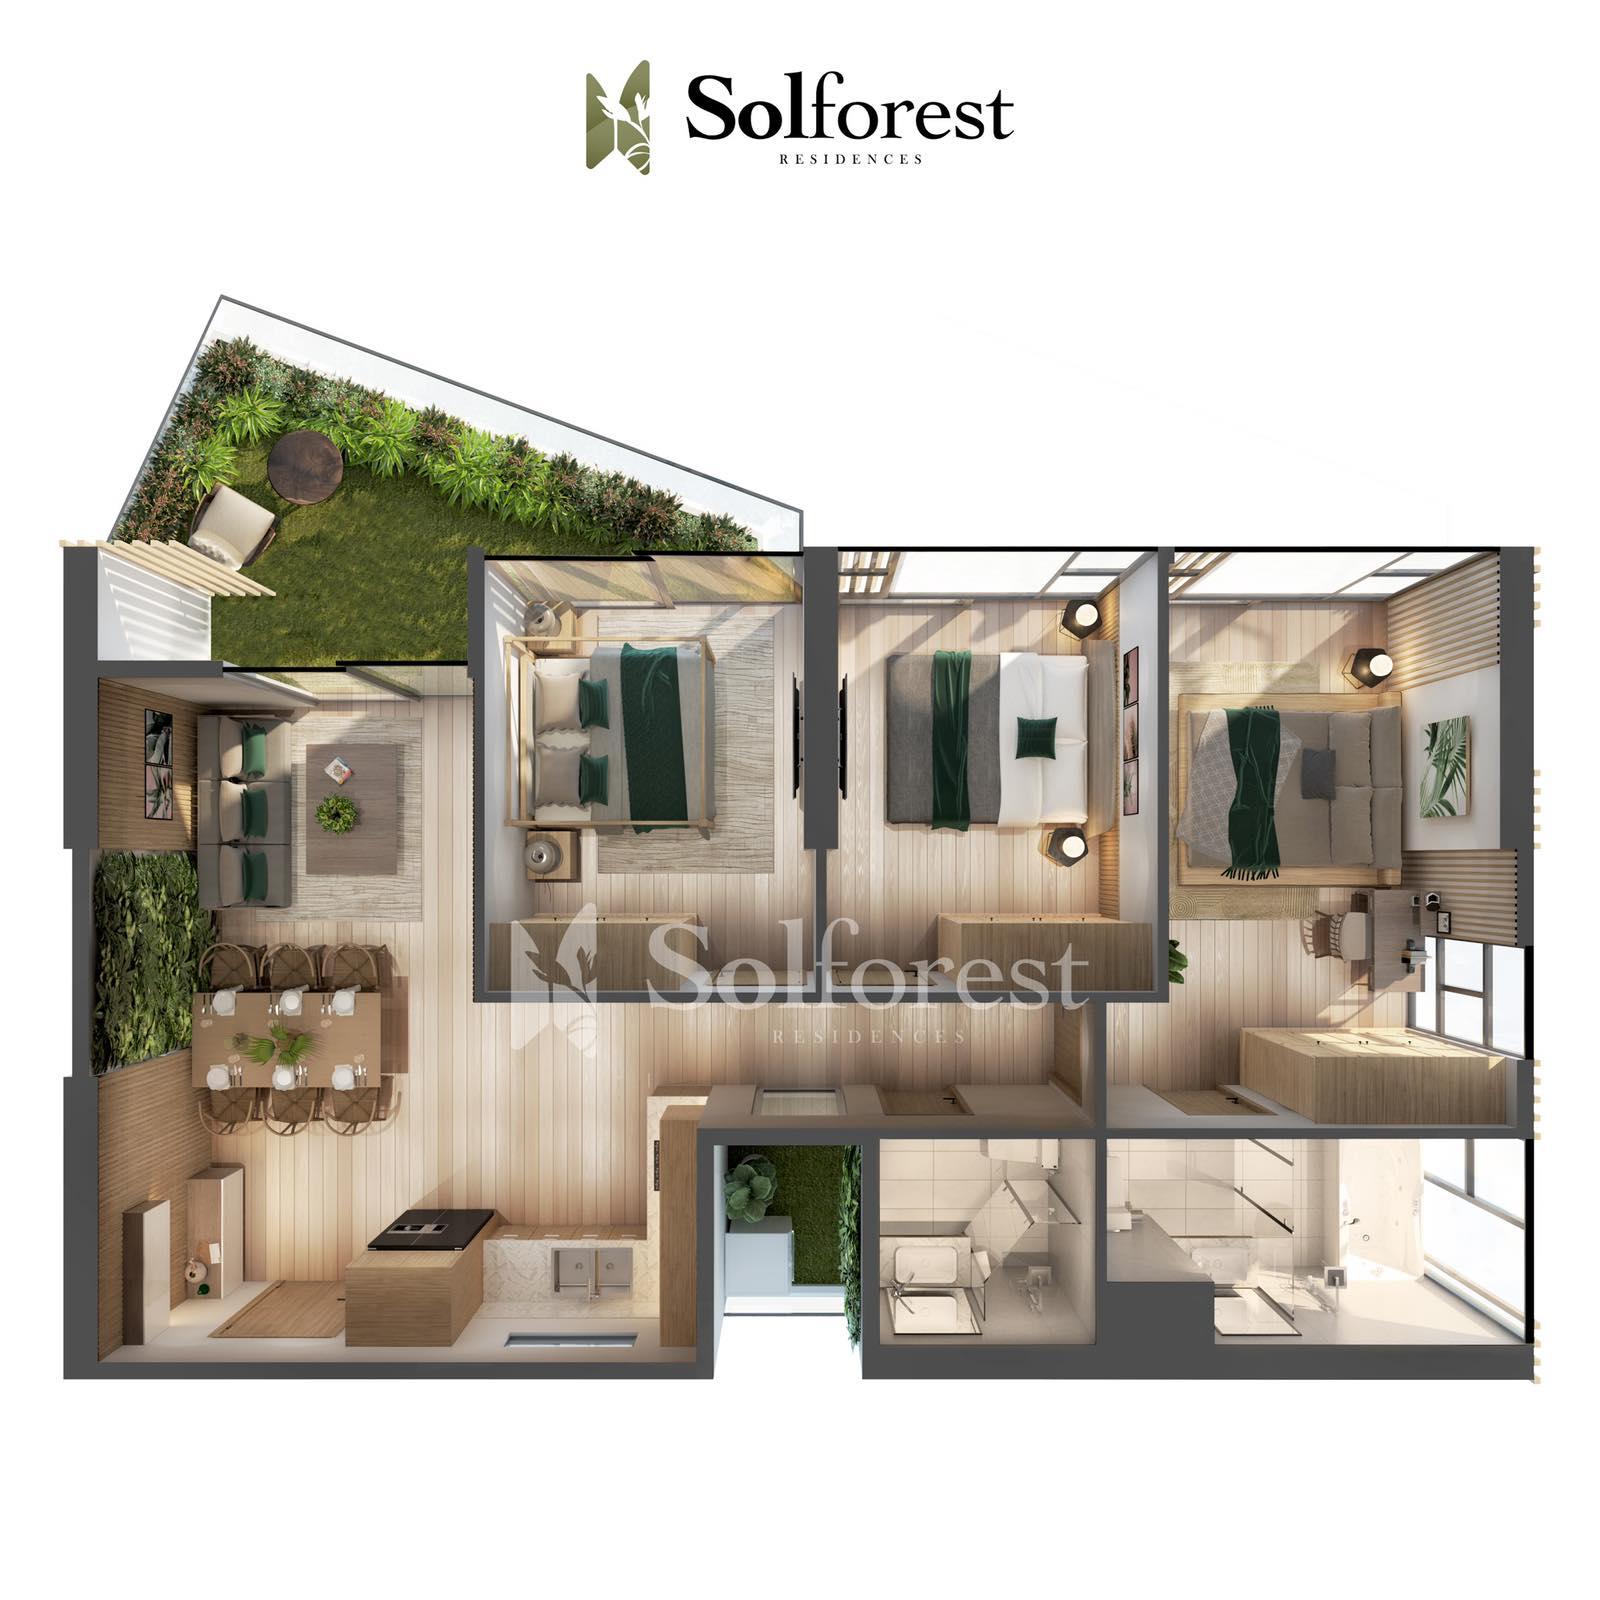 Căn Hộ Sân Vườn 3 Phòng Ngủ Solforest Ecopark Điển Hình 02